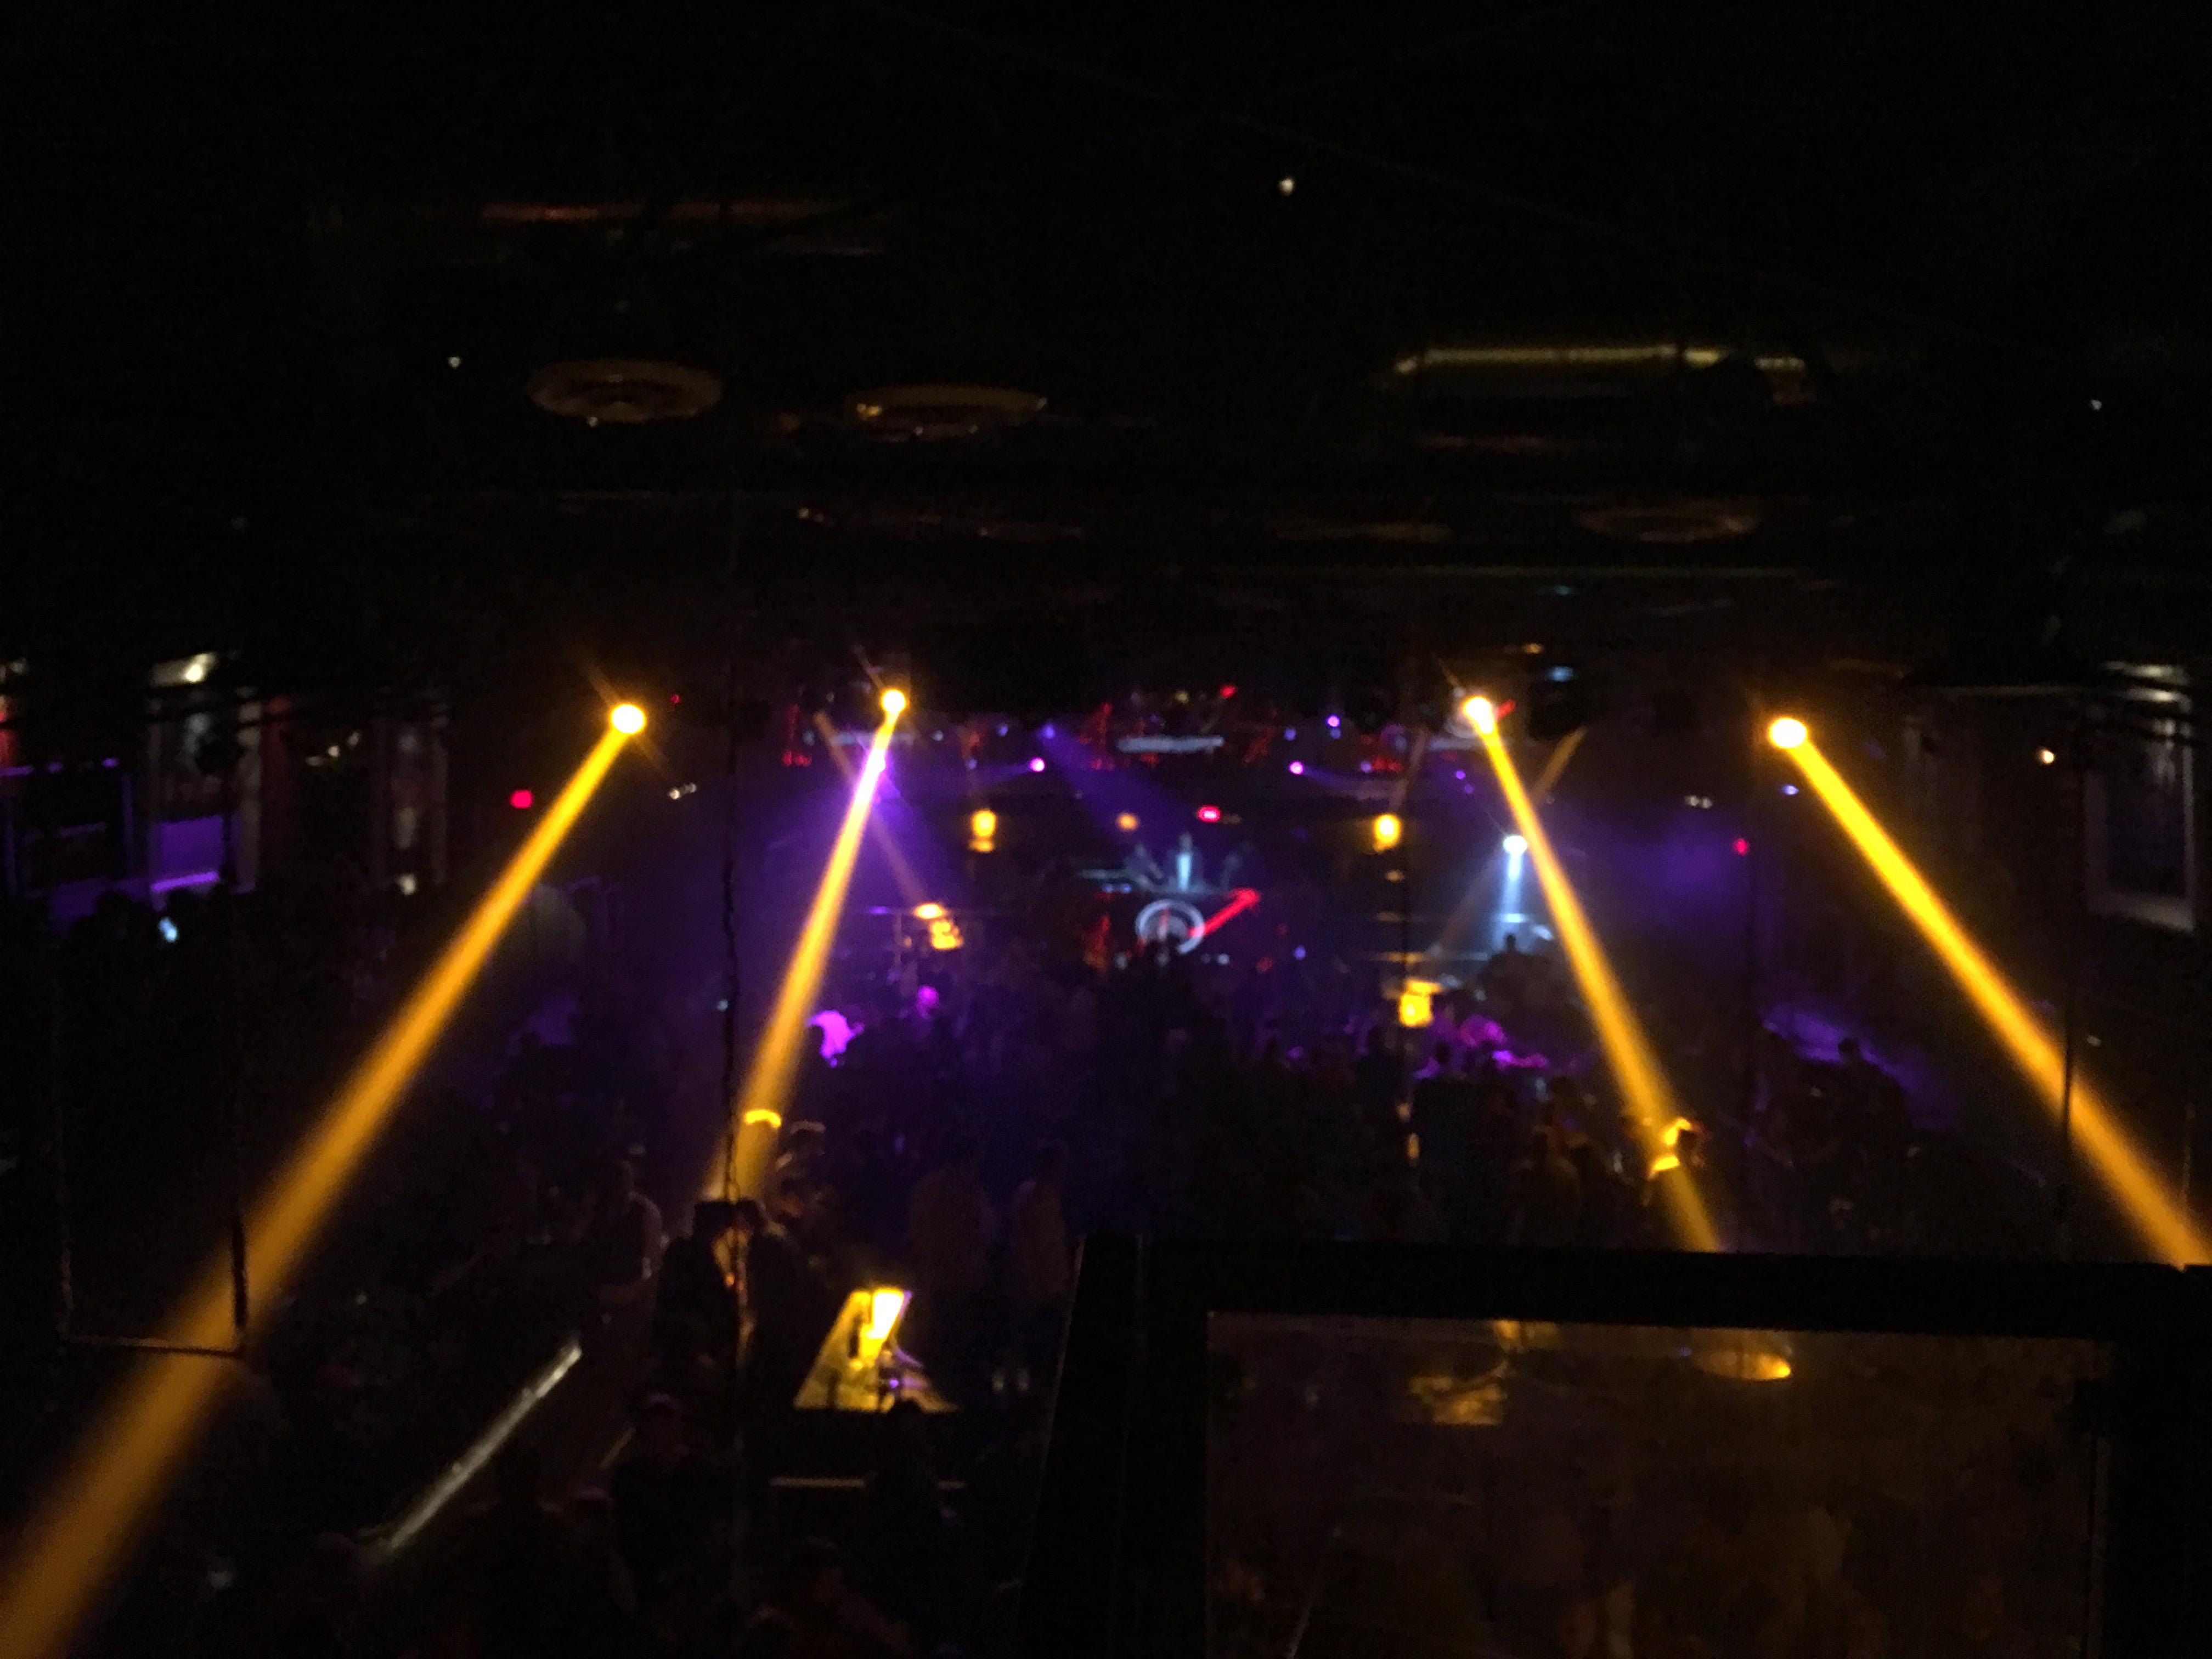 Ubi 30 Party in Hollywood / Interior - Dancefloor (Upper Tier)